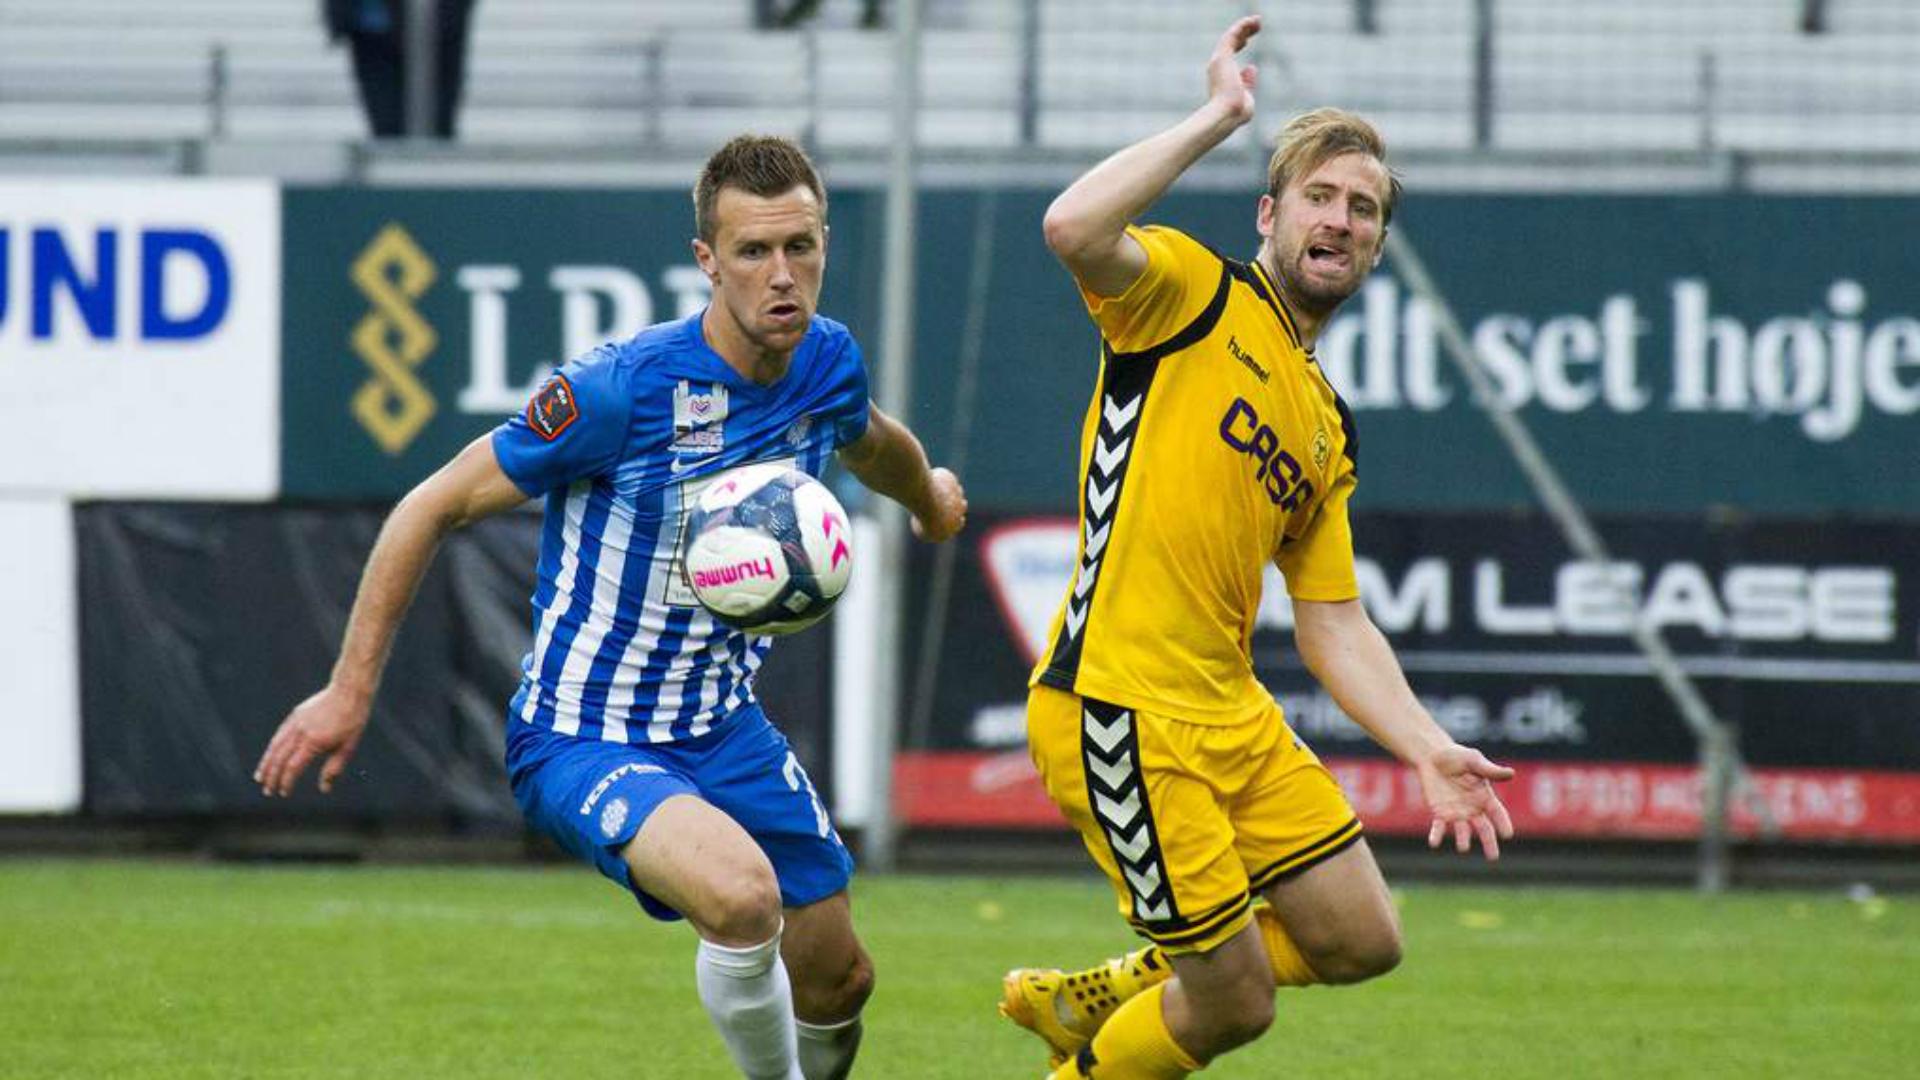 Brent McGrath Esbjerg v Horsens Danish Superliga